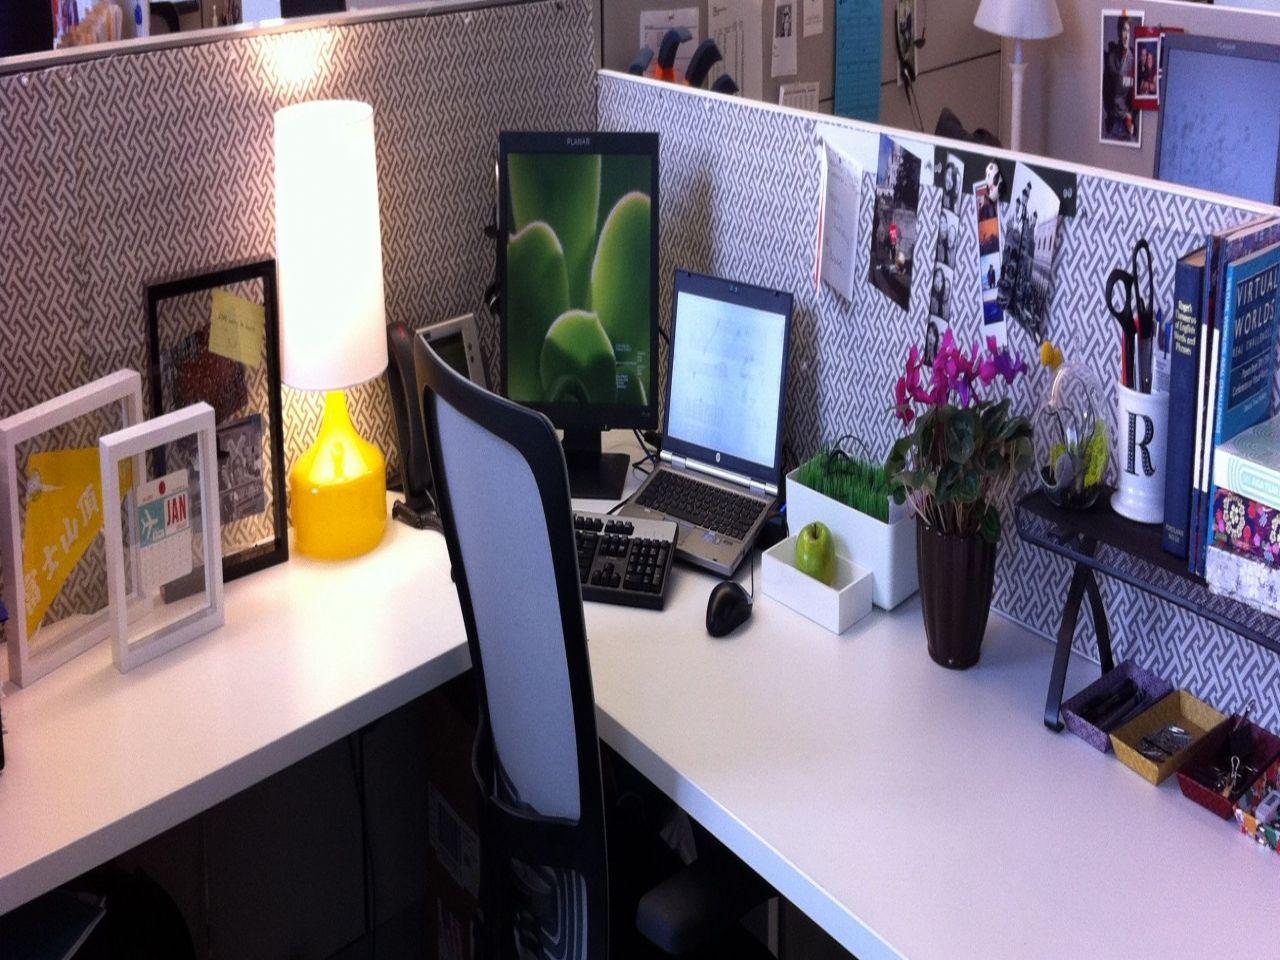 design ideas decor cubicle office cubicle design ideas desk decorating ideas cubicle makeover ideas design - Cubicle Design Ideas